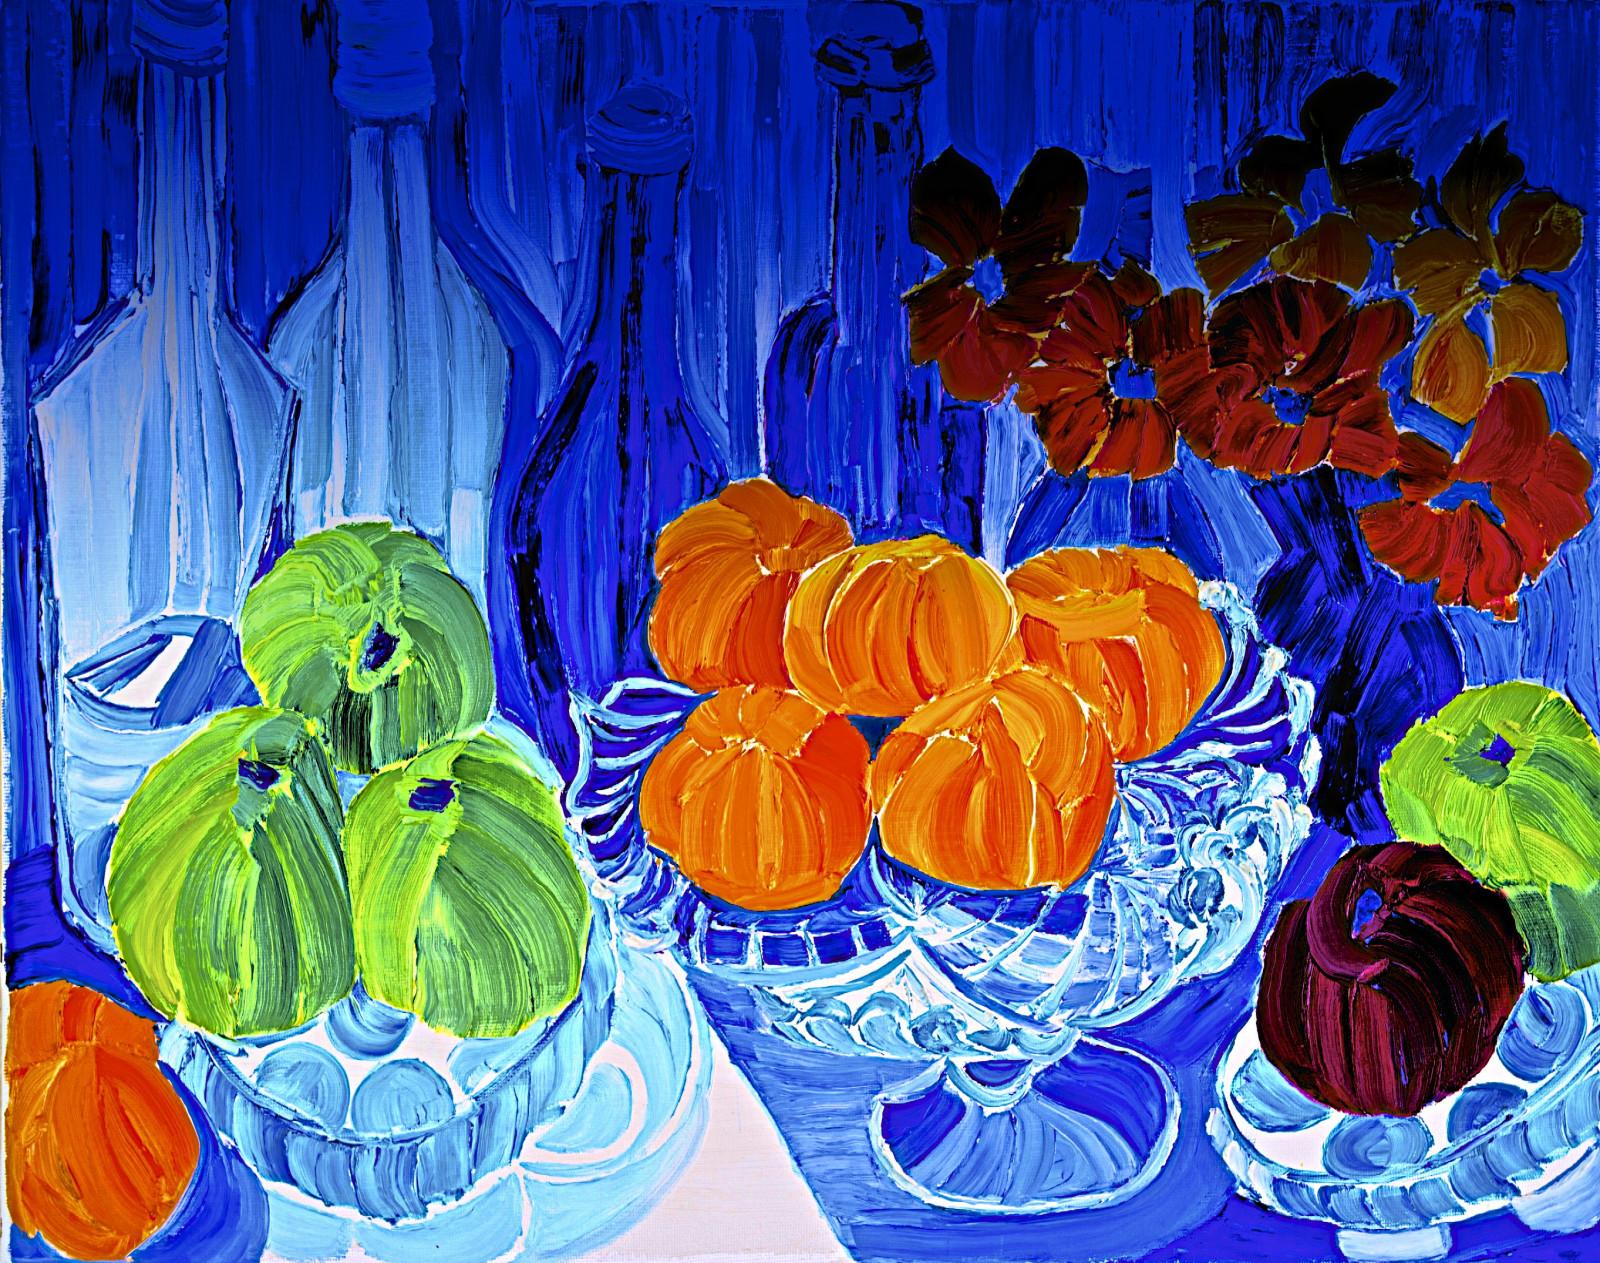 Masaüstü Mavi Sarı Yaprak Boyama çiçek Sanat Organizma